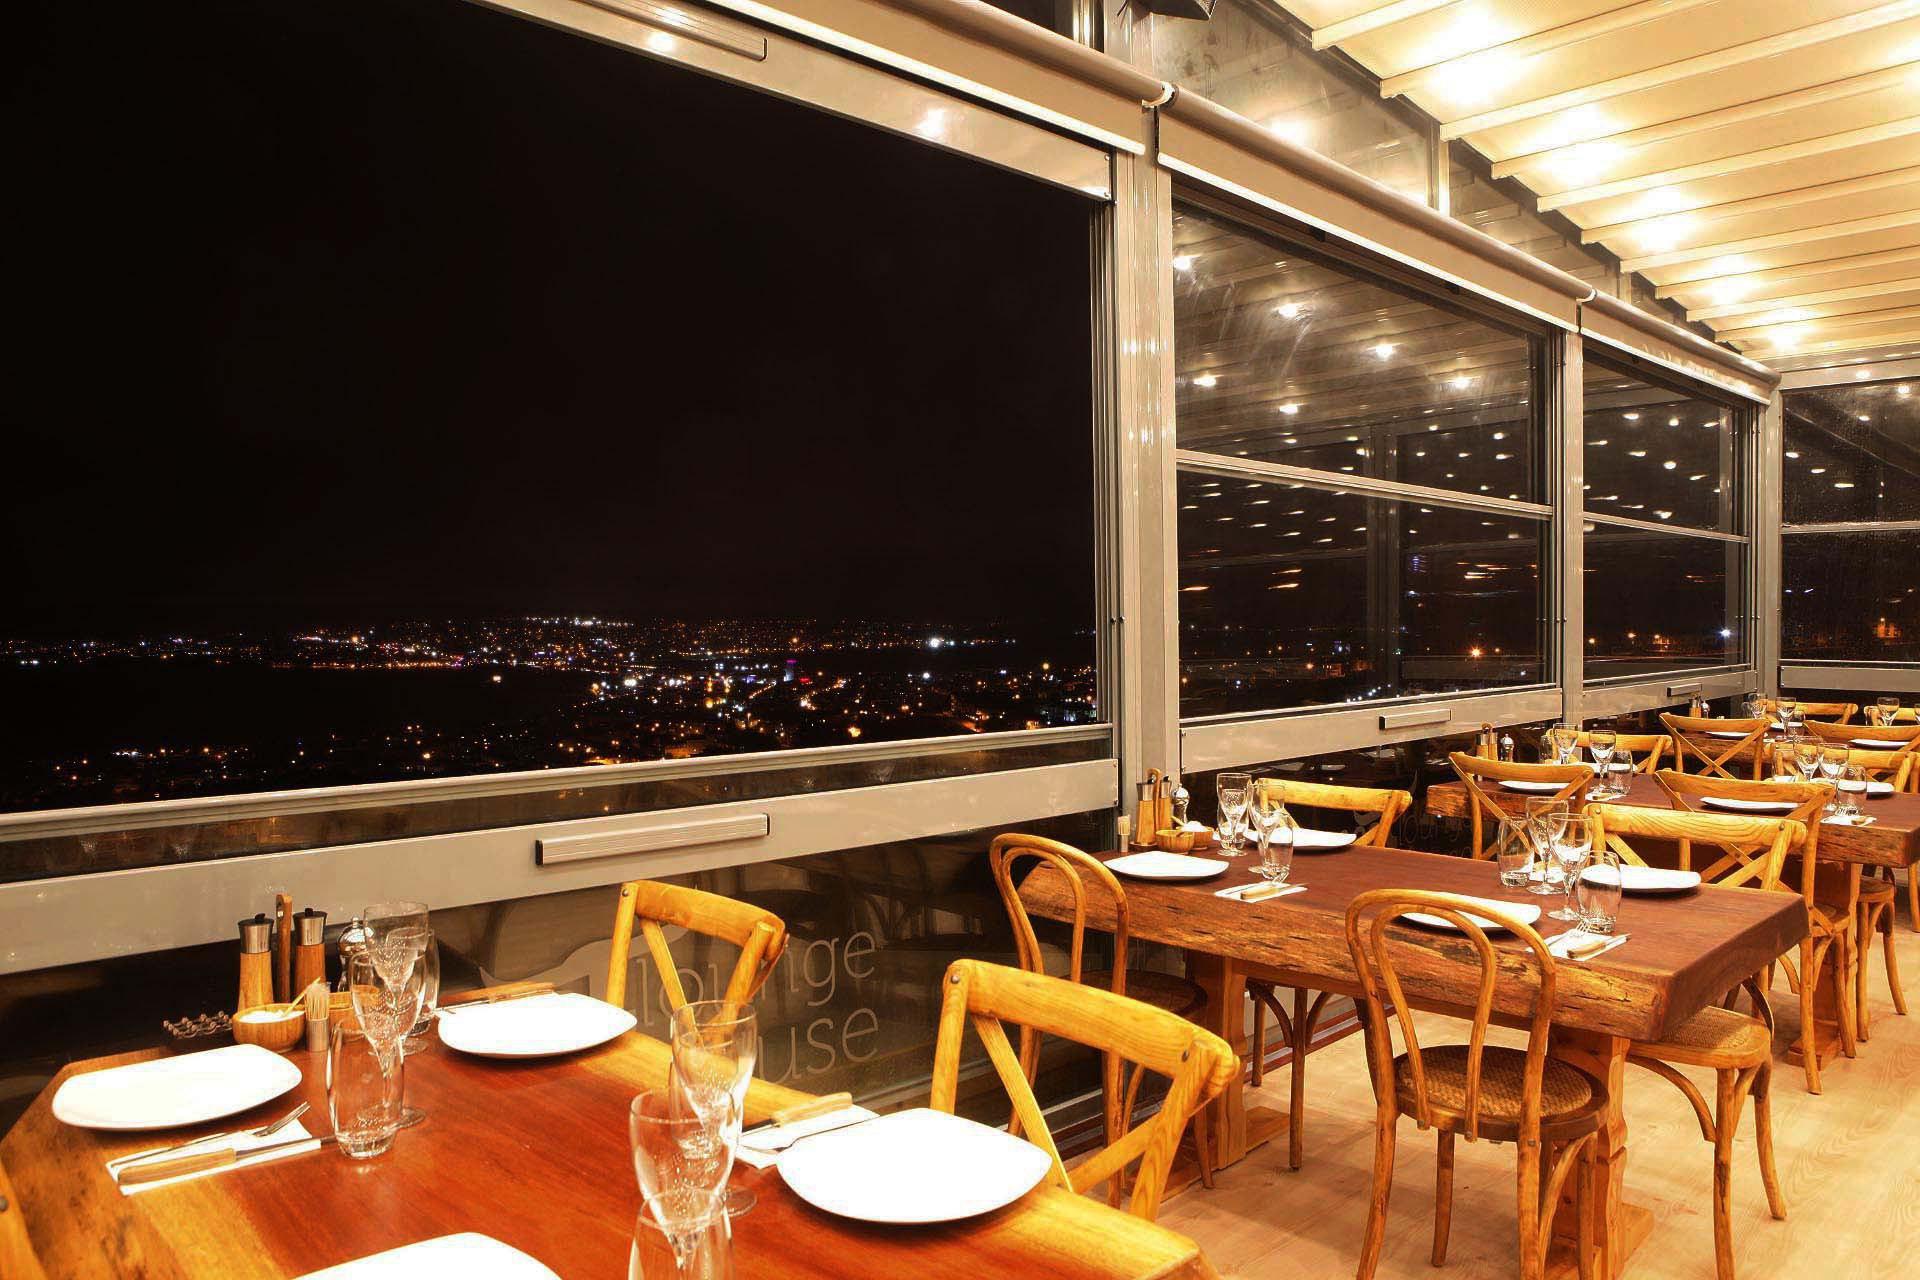 بالصور عشاء فخم , من تركيا اطلاله رائعه لعشاء فخم 1671 7